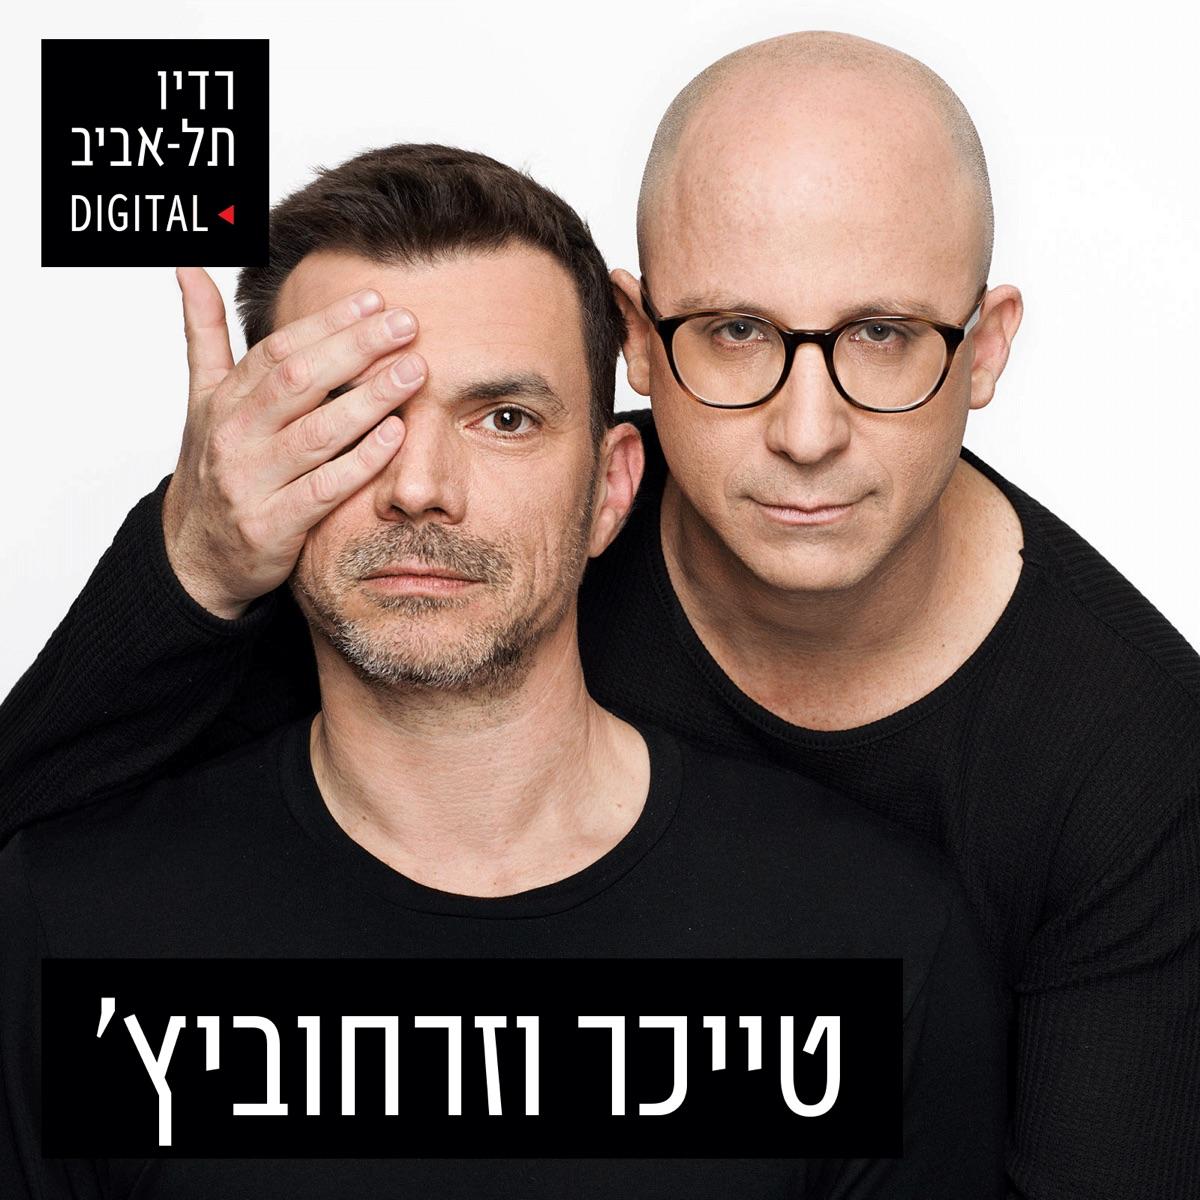 טייכר וזרחוביץ' ברדיו תל אביב